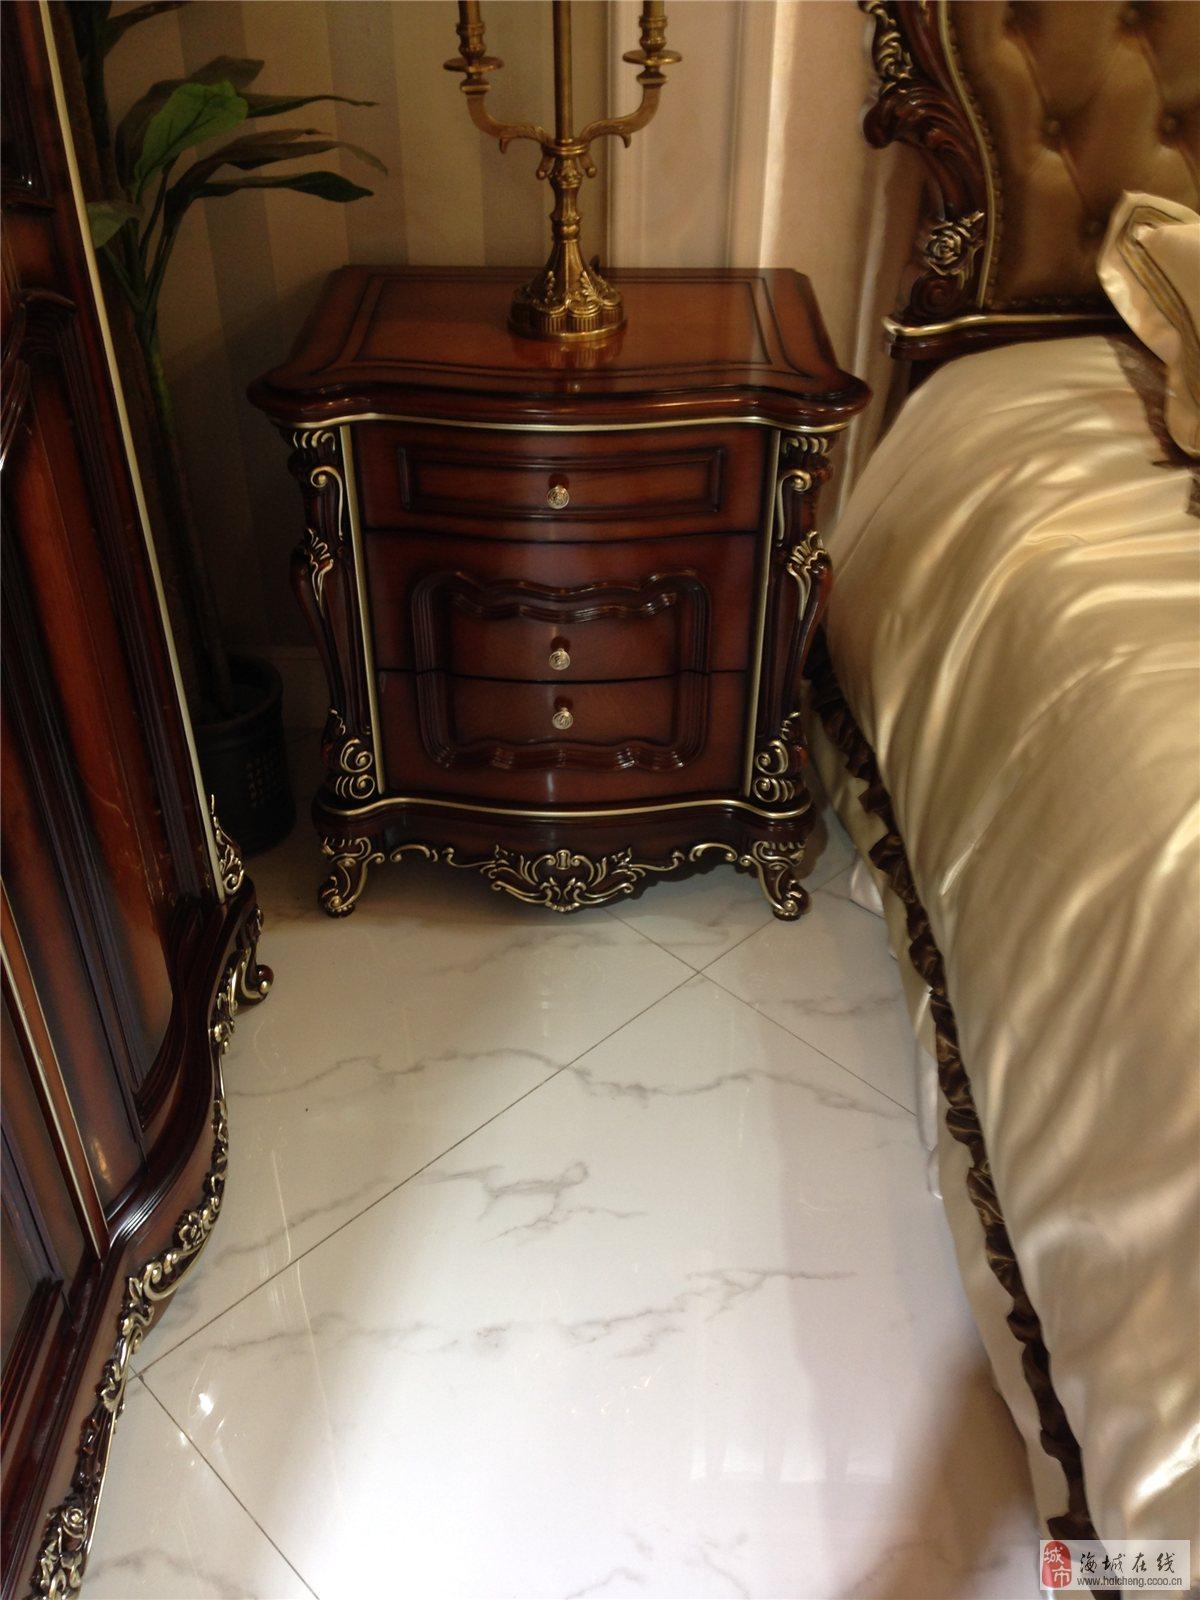 出售欧式纯榉木沙发床,餐桌,衣柜